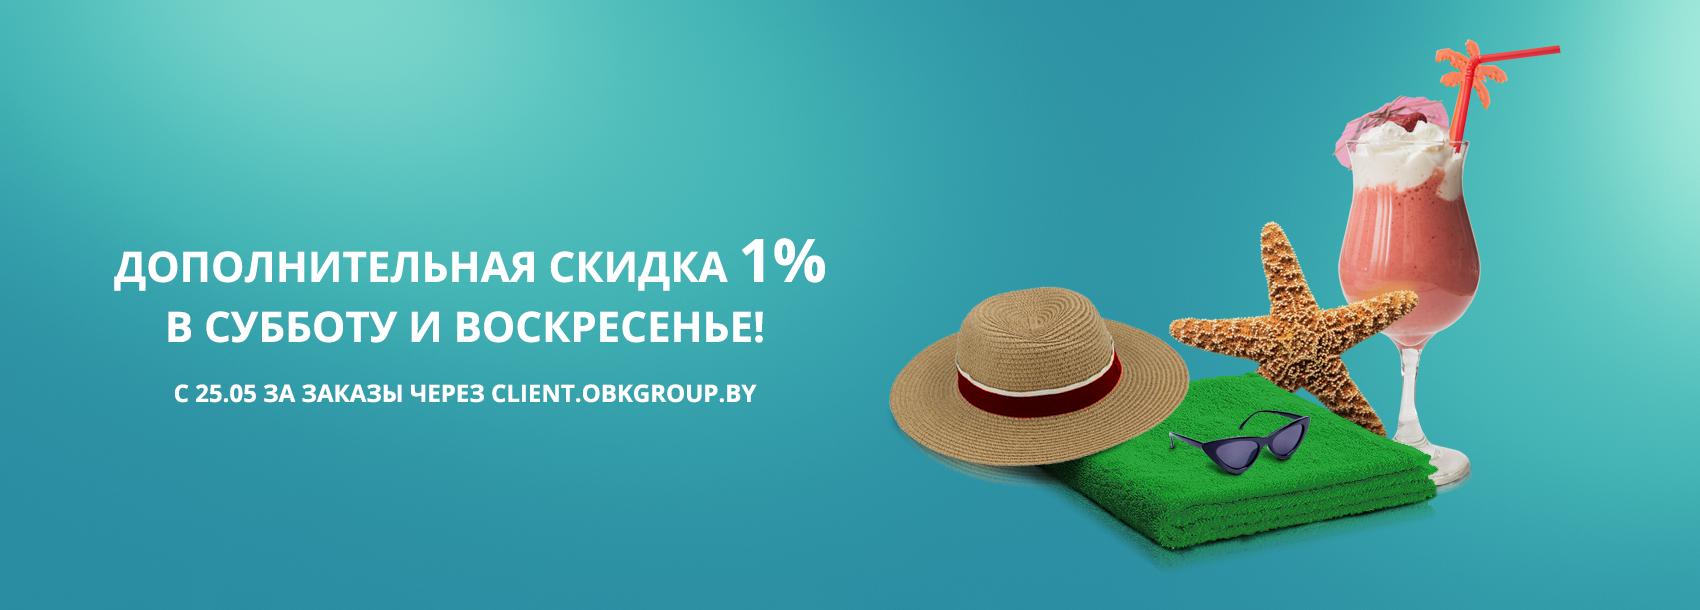 Дополнительная скидка 1% каждые субботу и воскресенье за заказы, оформленные через client.obkgroup.by